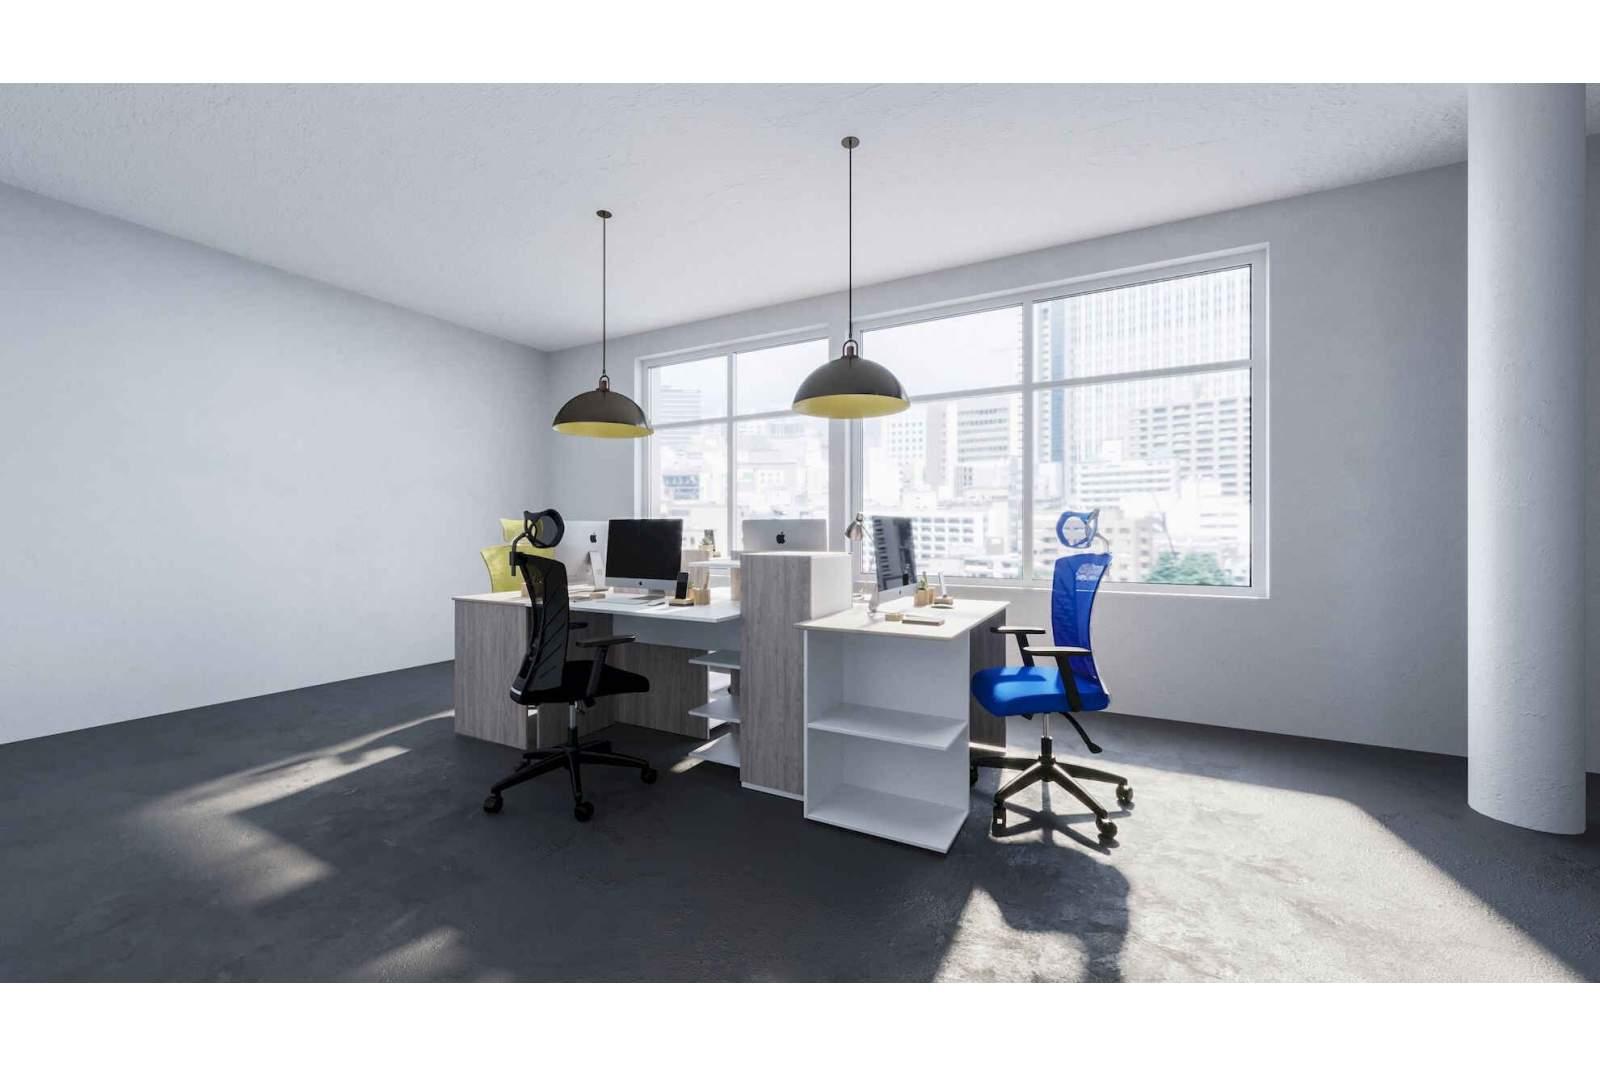 Удобная анатомическая офисная мебель для работы от Barsky